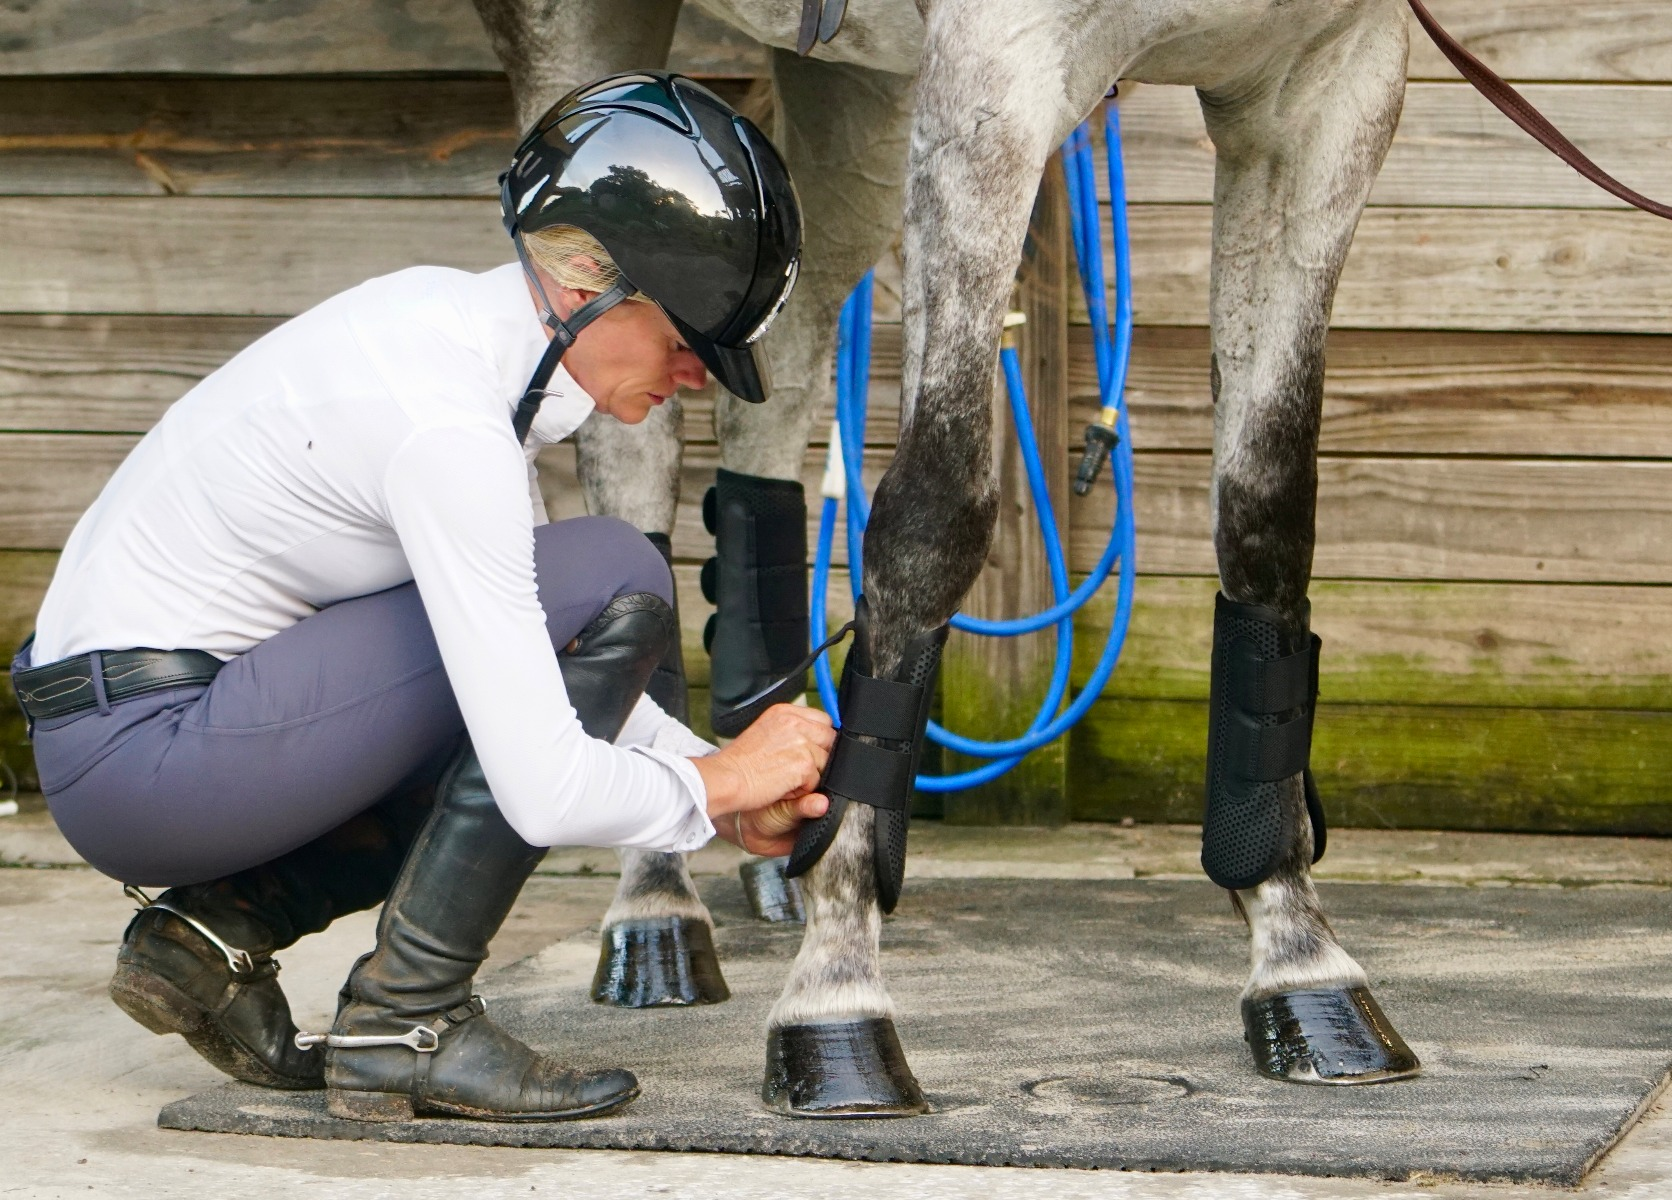 Sinead Halpin and WeatherBeeta Jump Boots